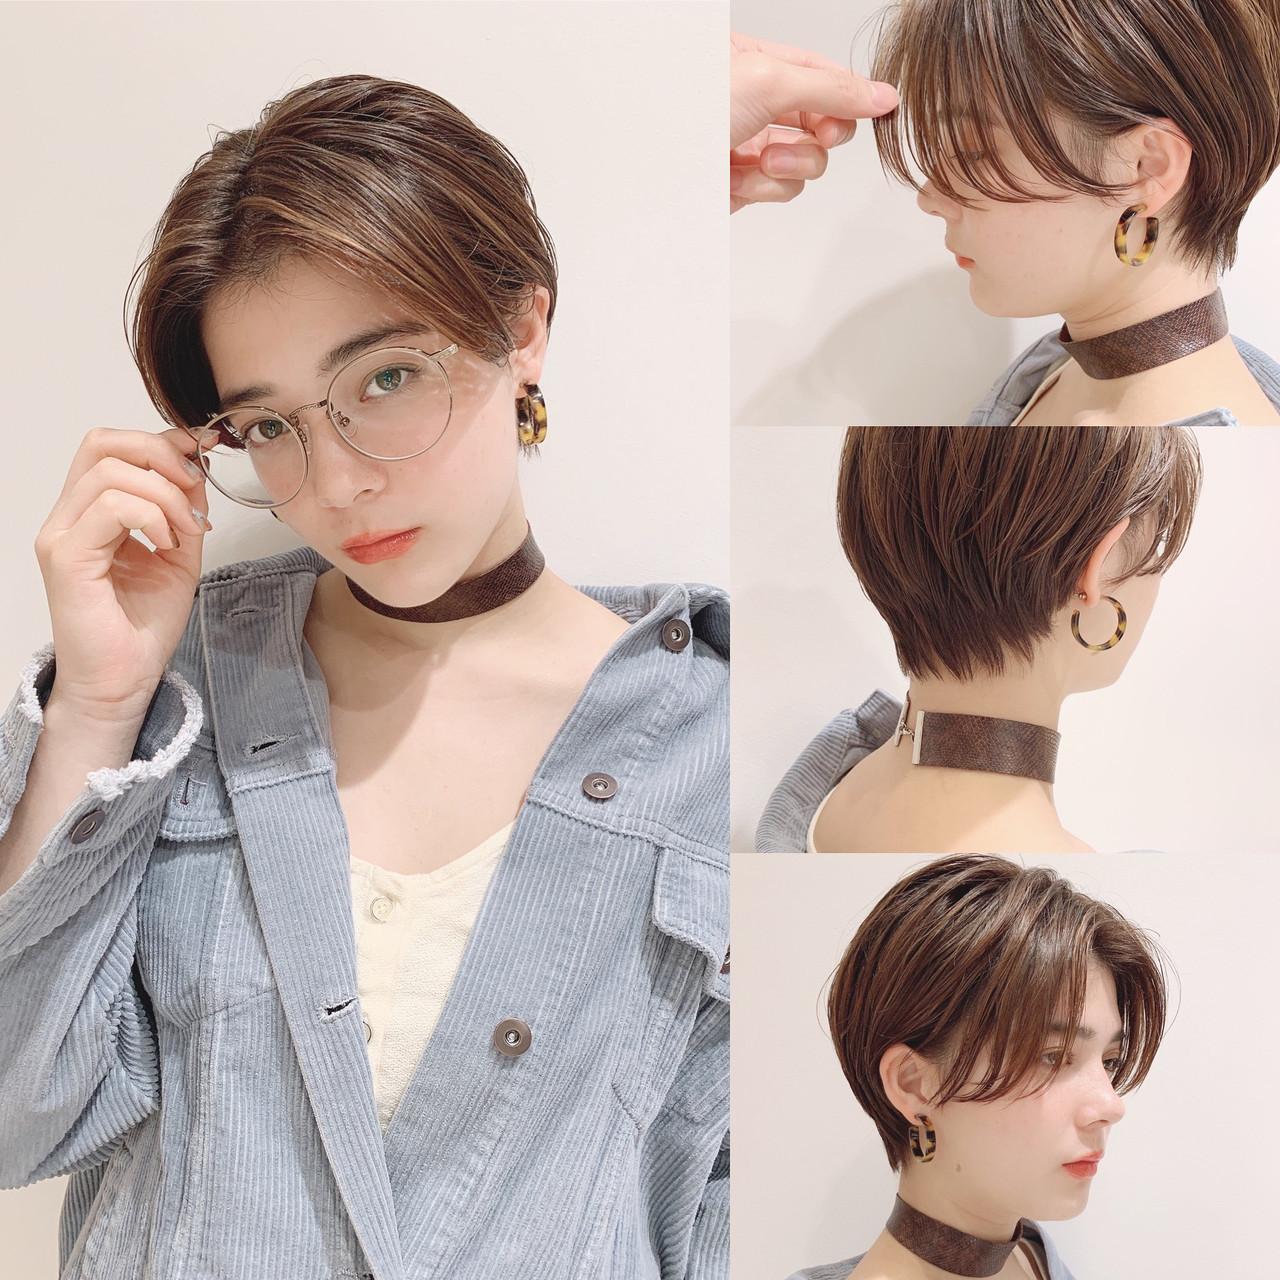 ハンサムなのに女性らしいフレンチショートボブ ショートヘア美容師 #ナカイヒロキ